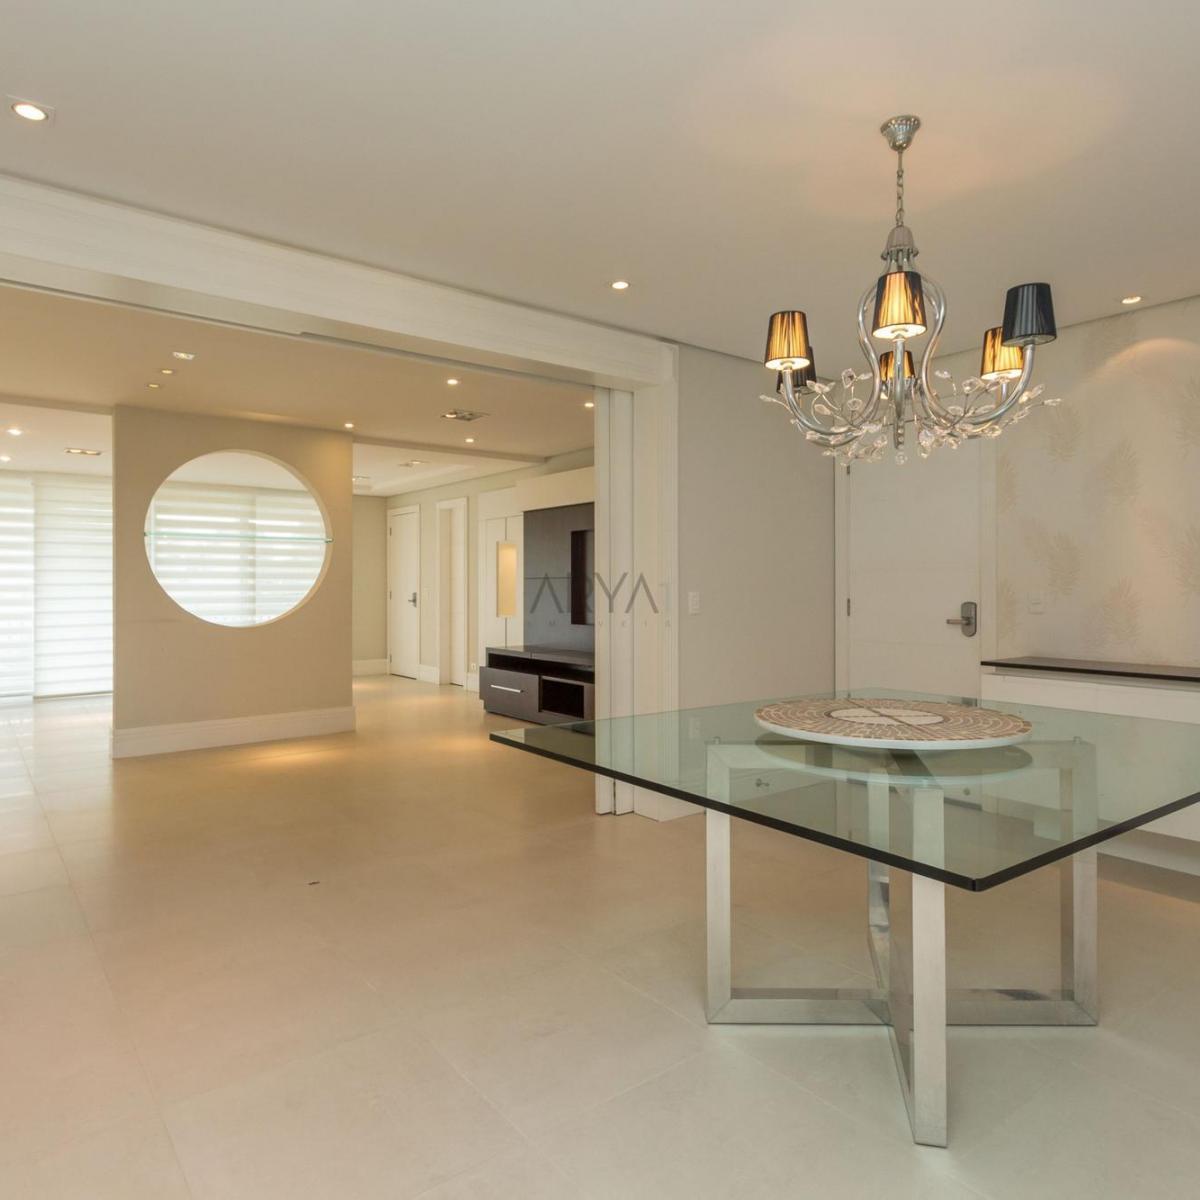 http://www.infocenterhost2.com.br/crm/fotosimovel/209071/001_capa_living_sala_apartamento_4_dormitórios_1_suíte_3_vagas_garagem_ahu_juveve.jpg